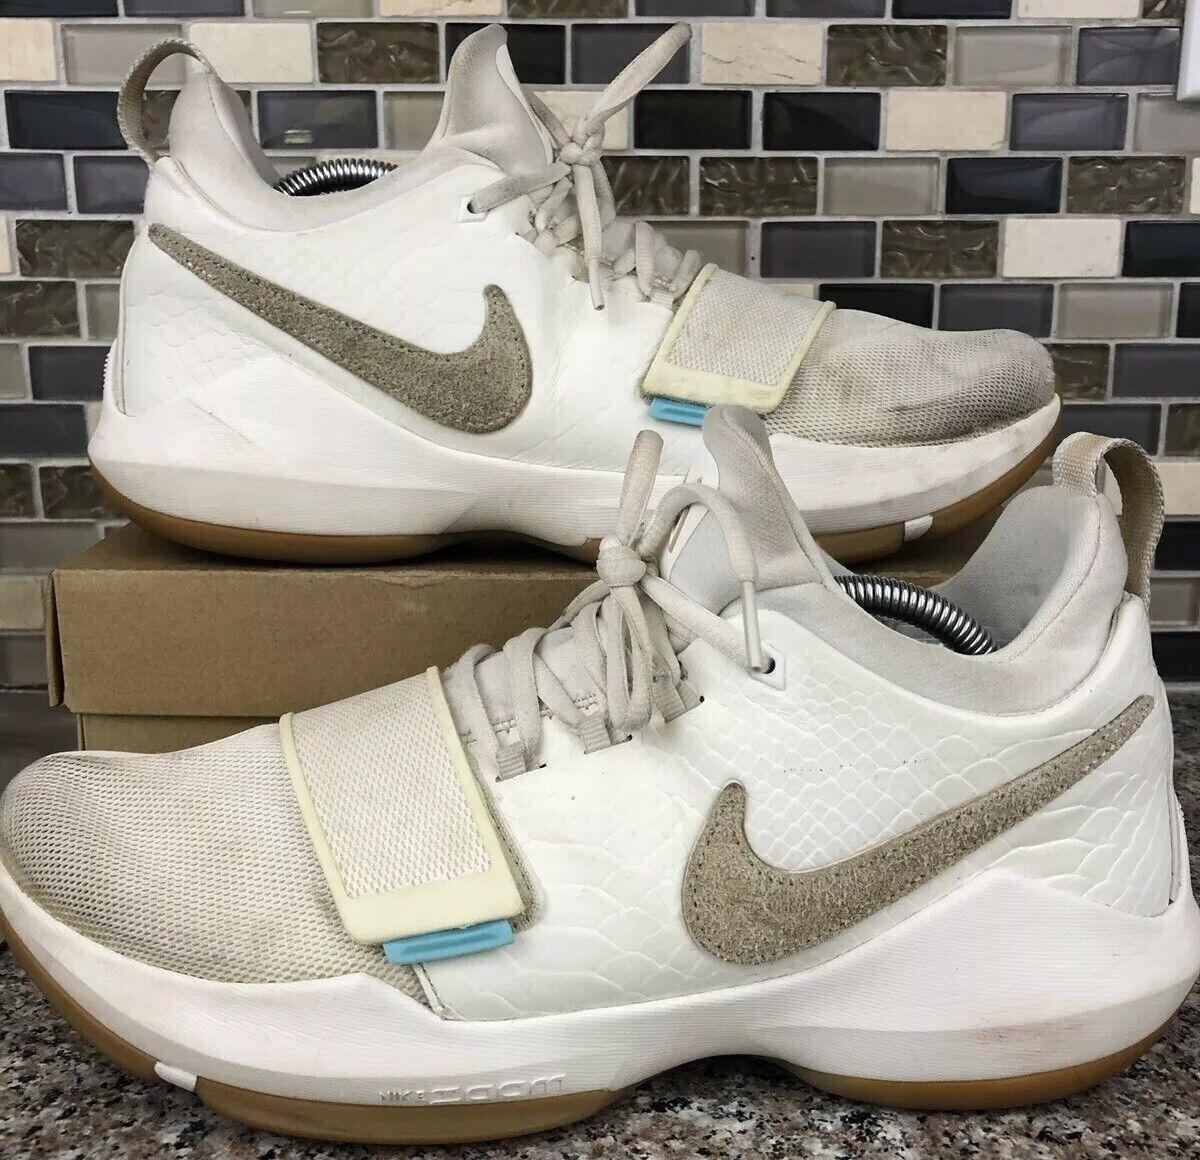 Nike PG 1 Ivory Oatmeal Gum Brown Paul